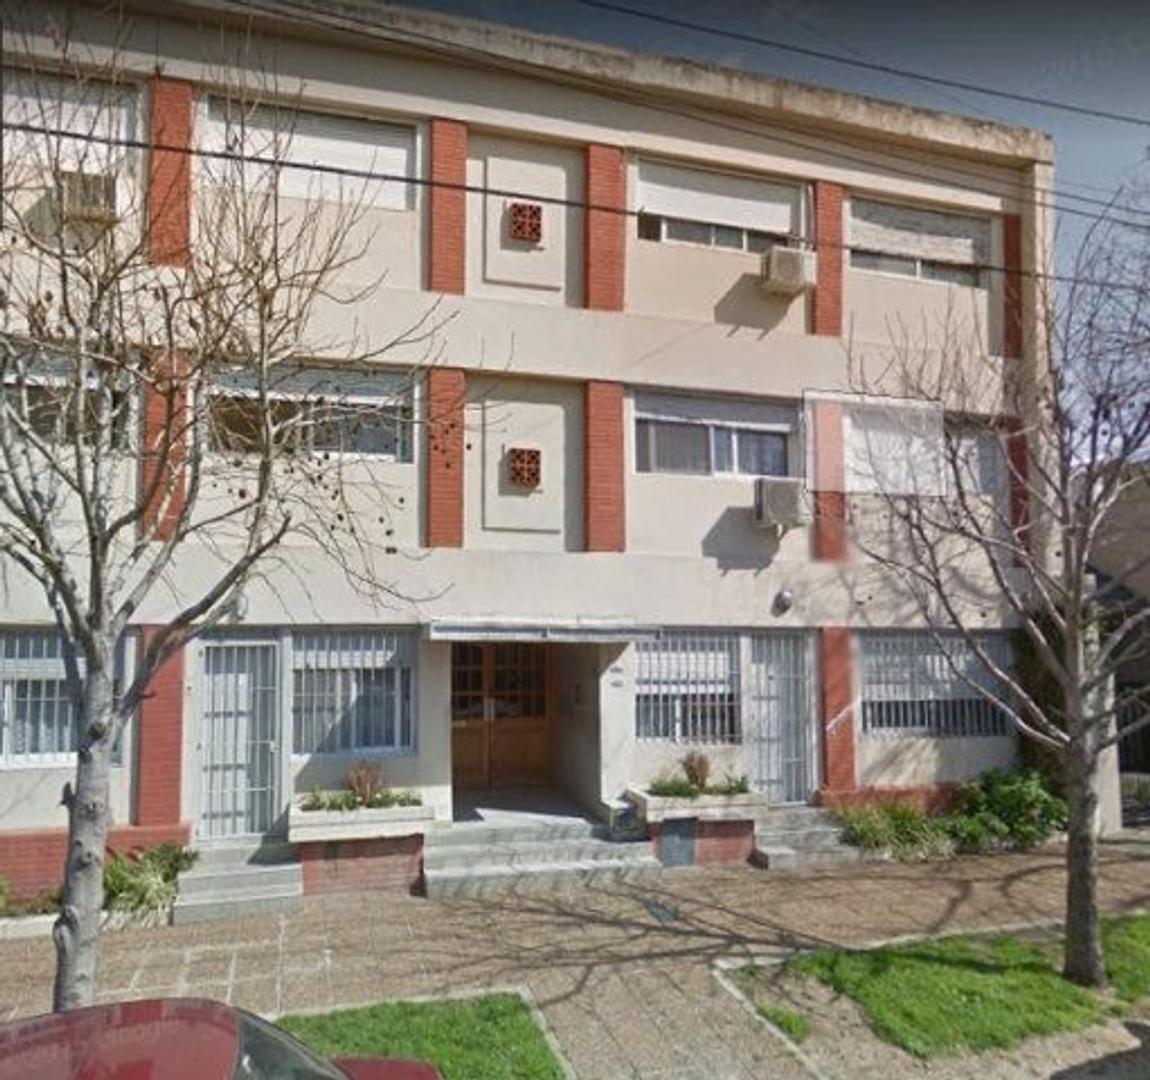 Departamento - Venta - Argentina, General San Martín - INDEPENDENCIA 5622